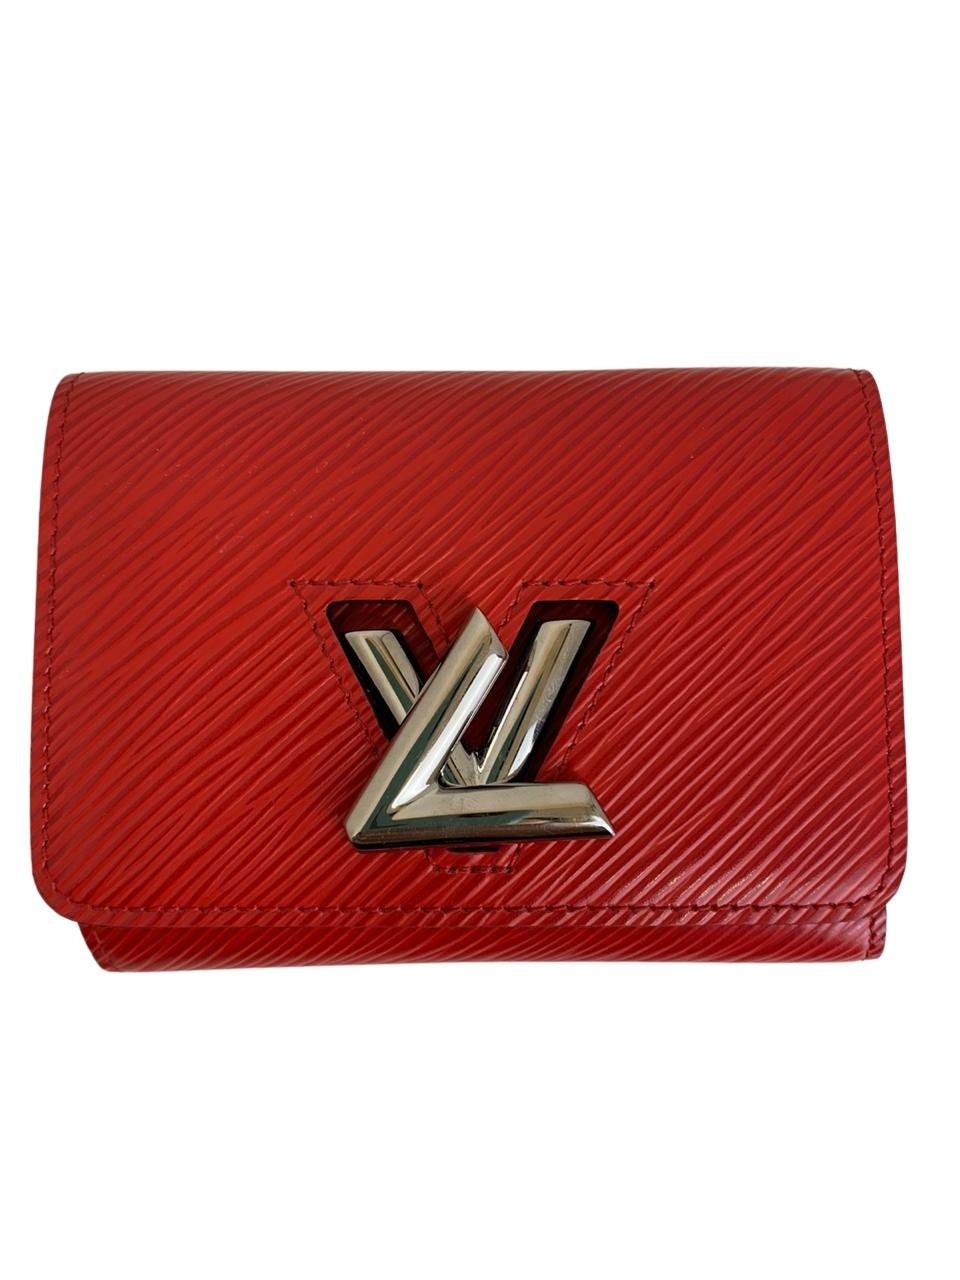 Carteira Louis Vuitton Twist Epi Vermelha